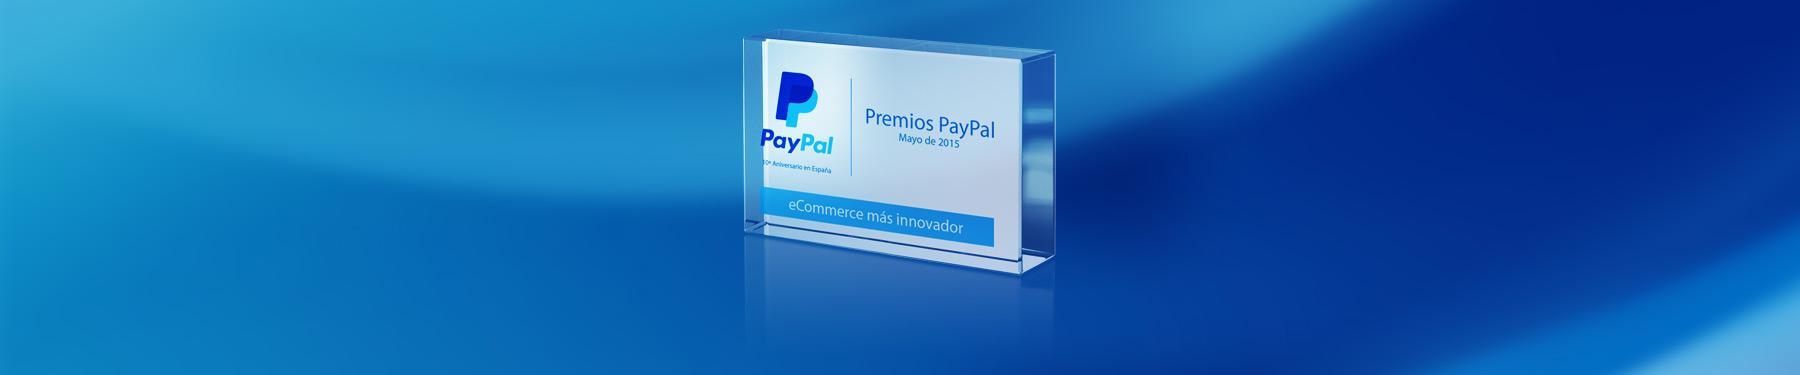 PayPal Awards